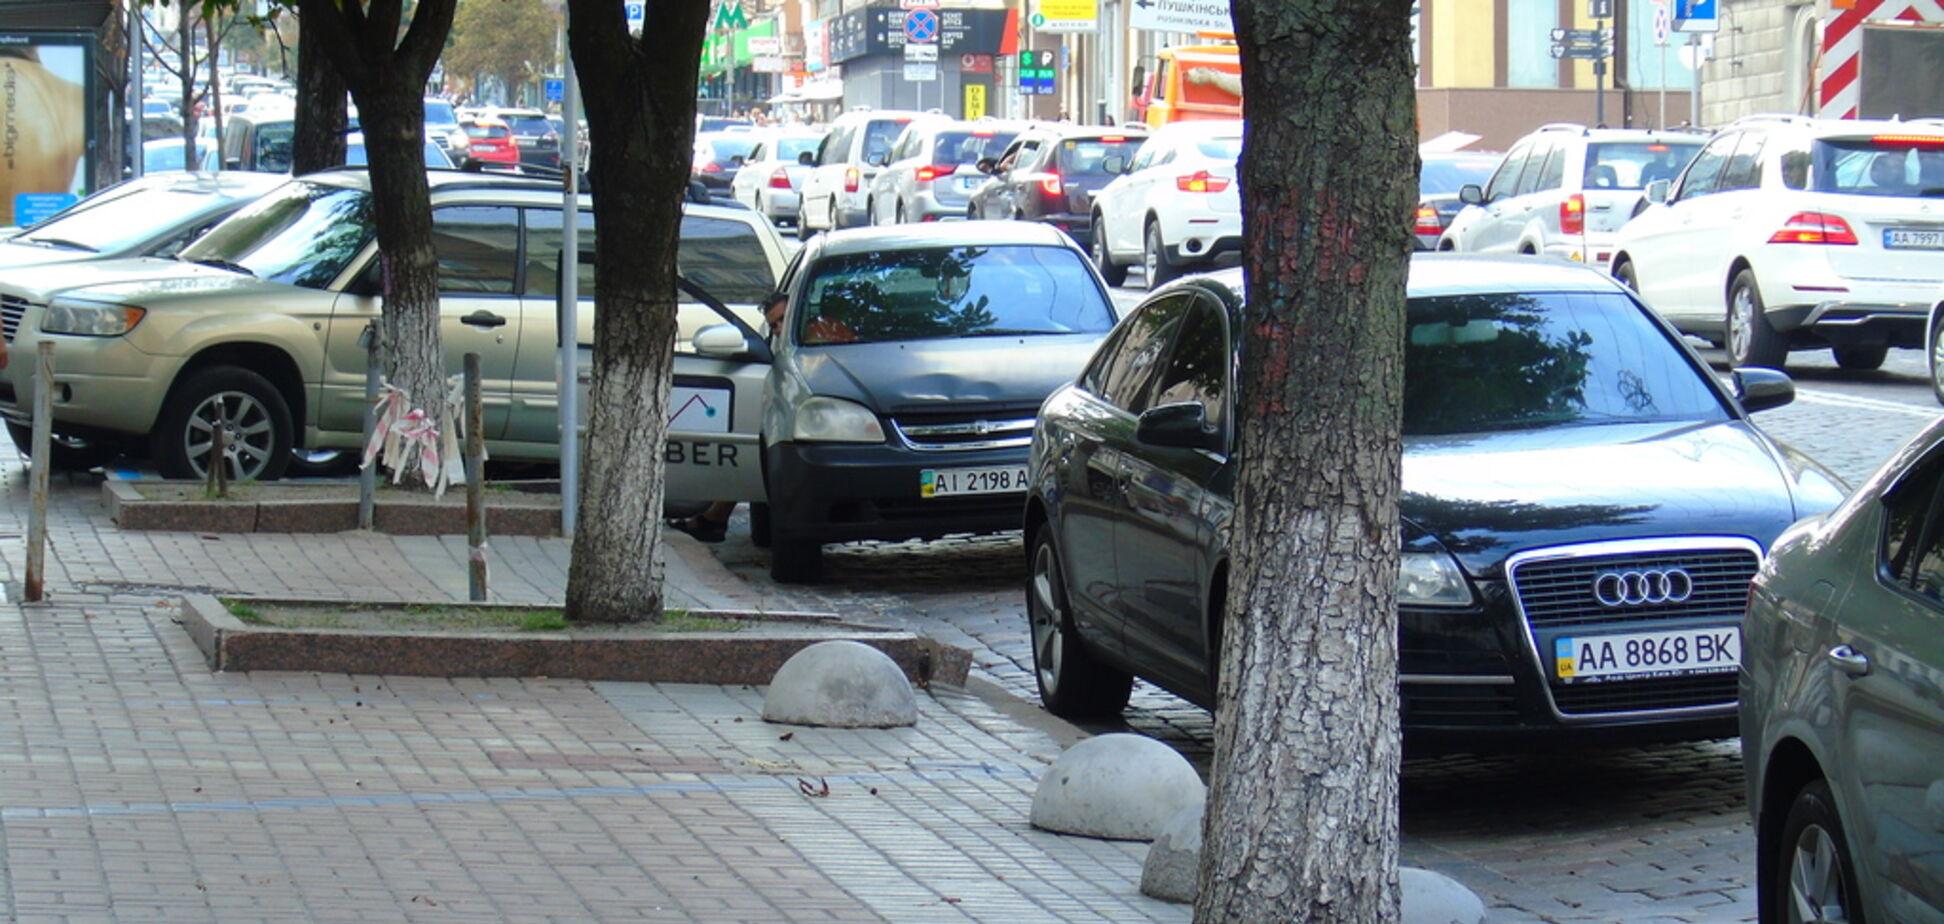 Парковка в карман киевлян, или Л*хи платят за все